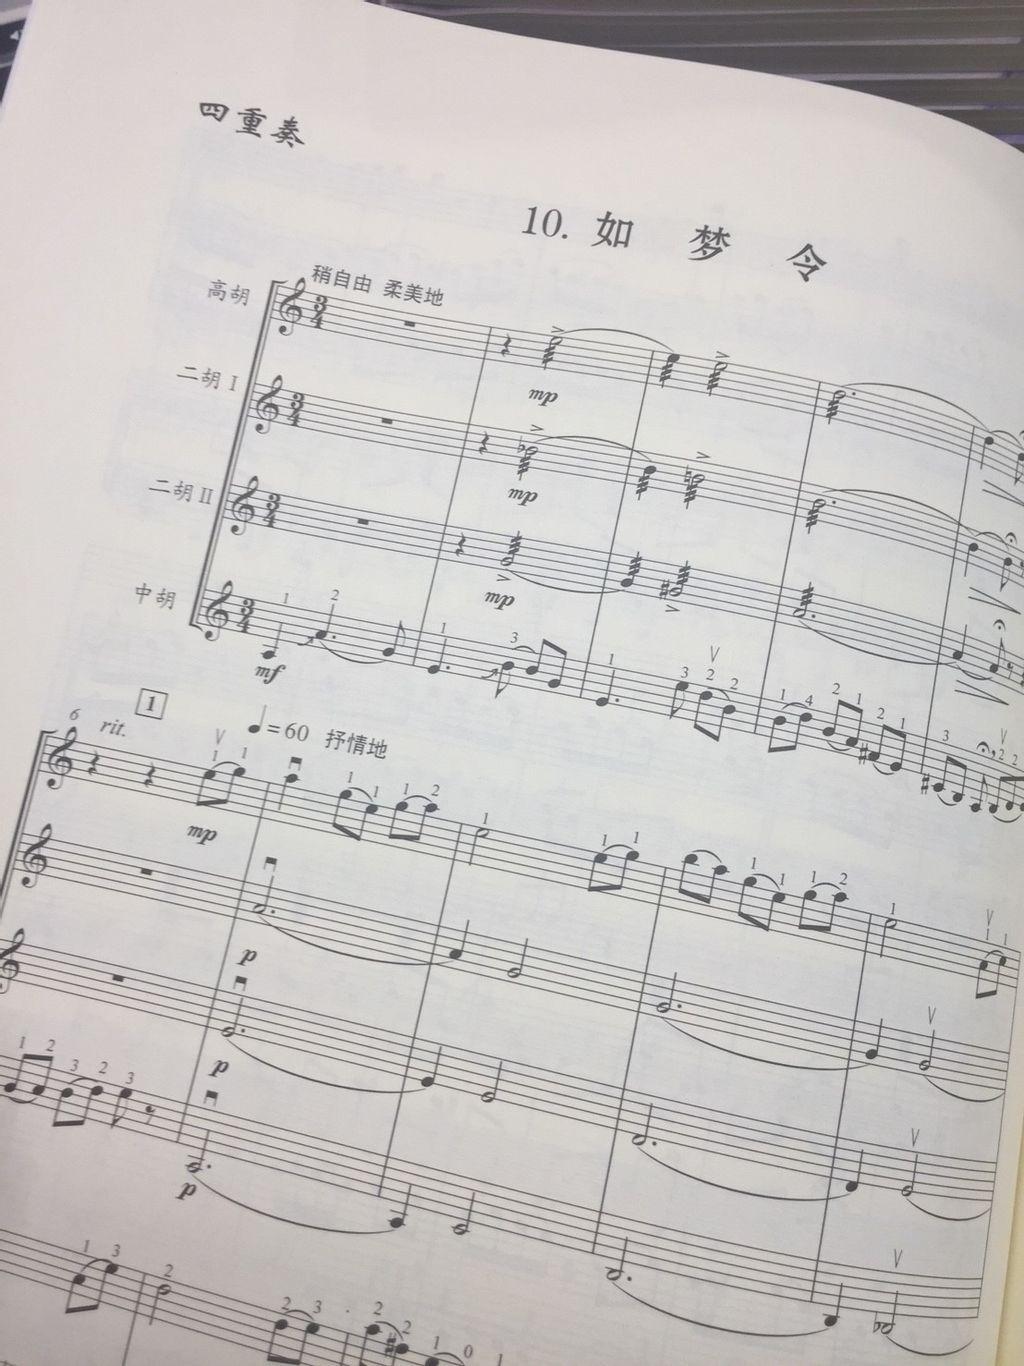 新版弓弦舞 線譜_180611_0011.jpg